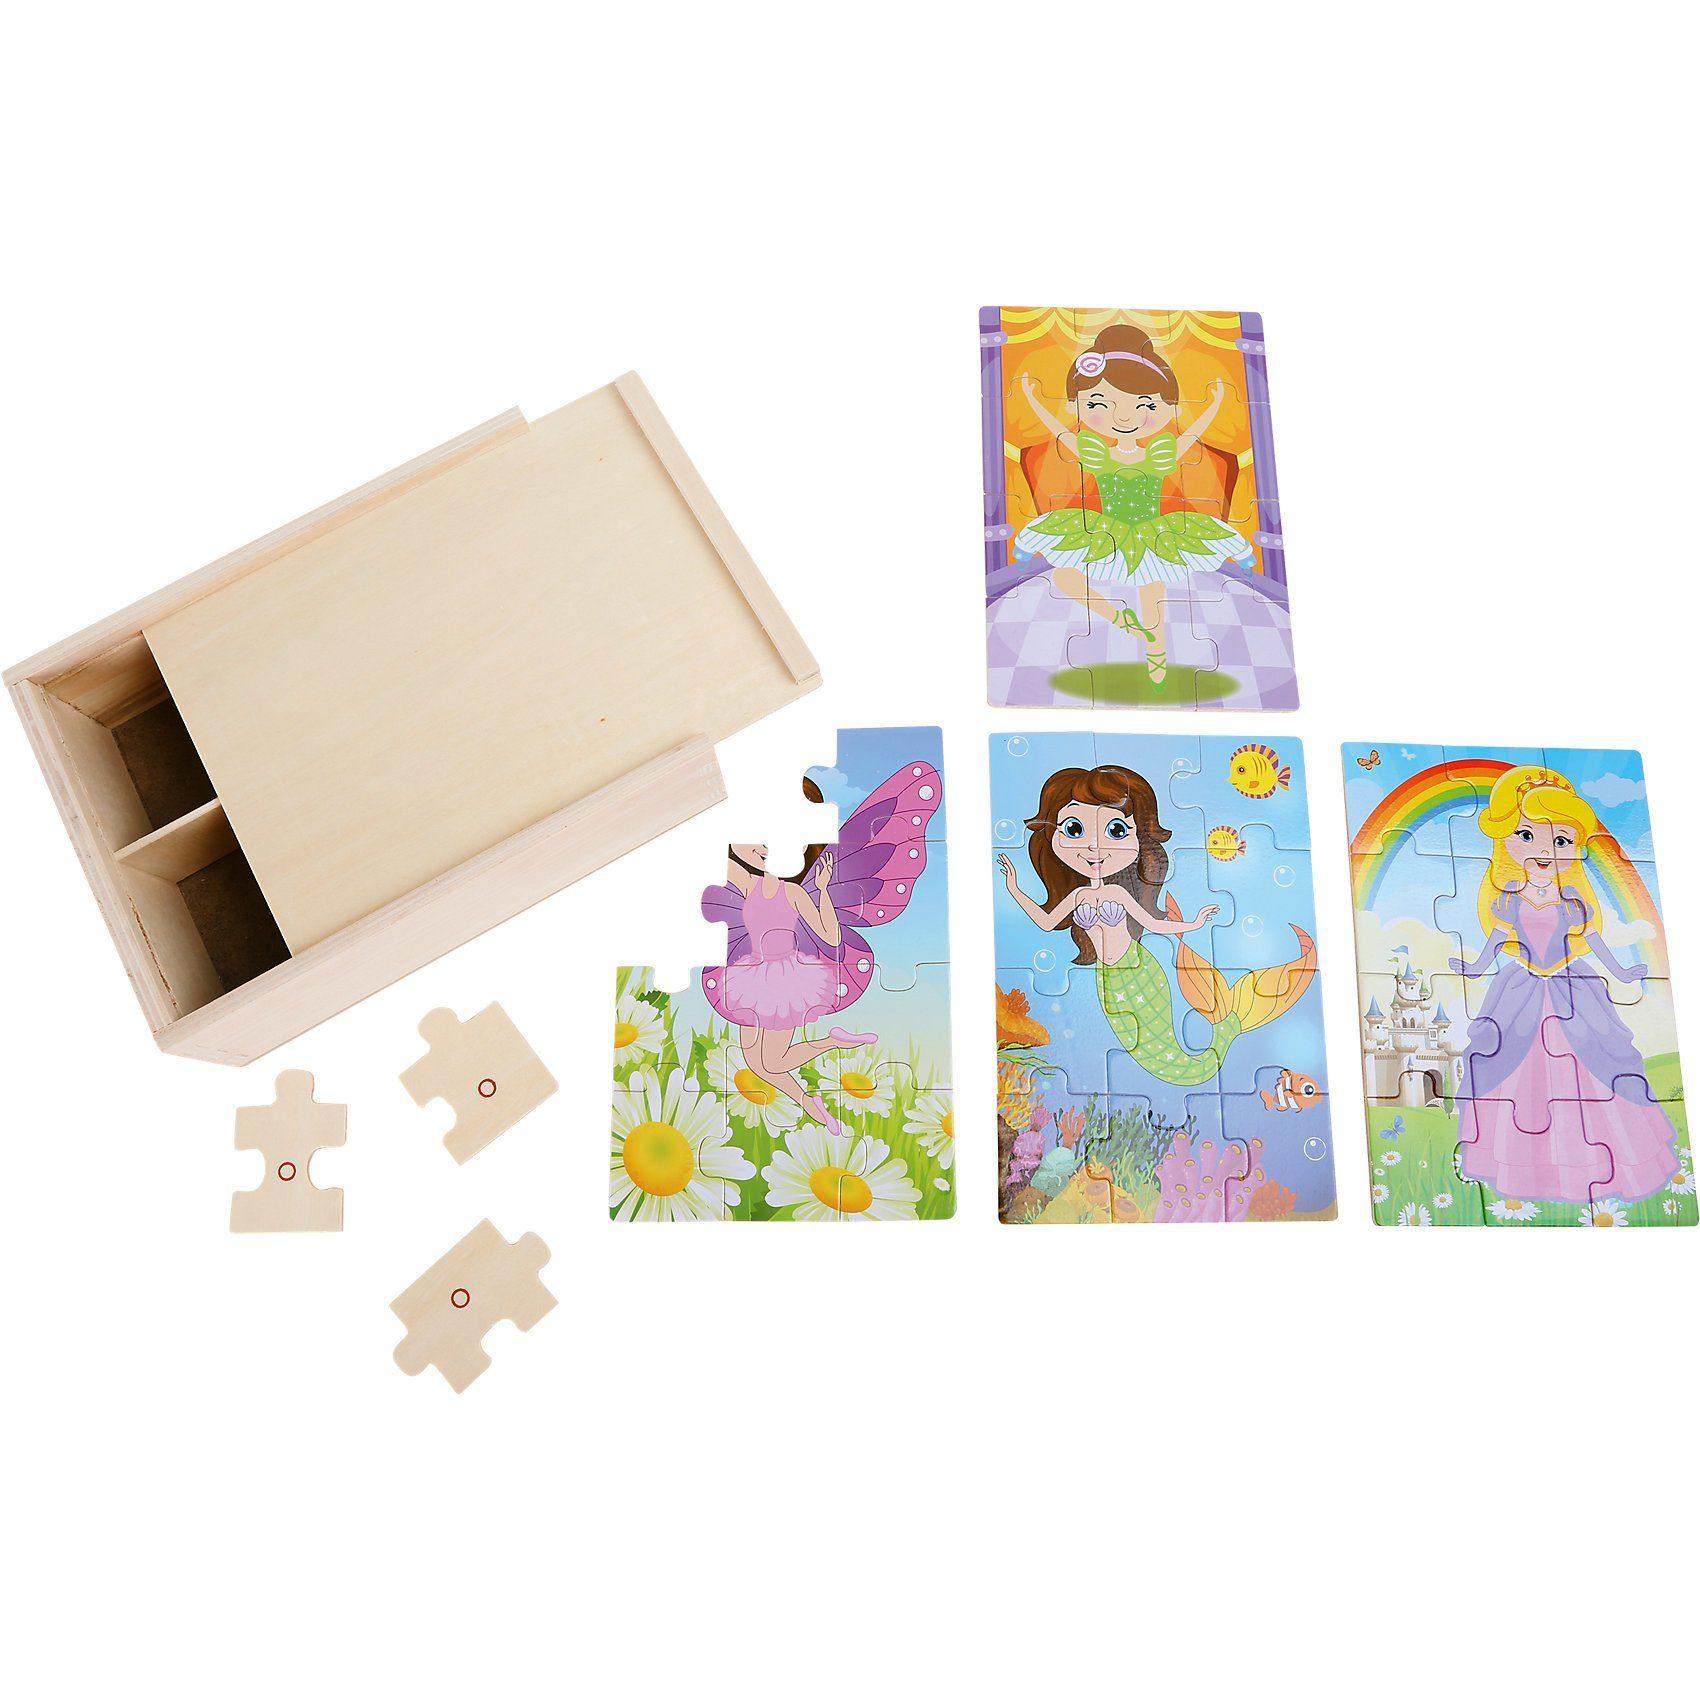 Puzzle-Box 4 in 1 Mädchen im Kostüm